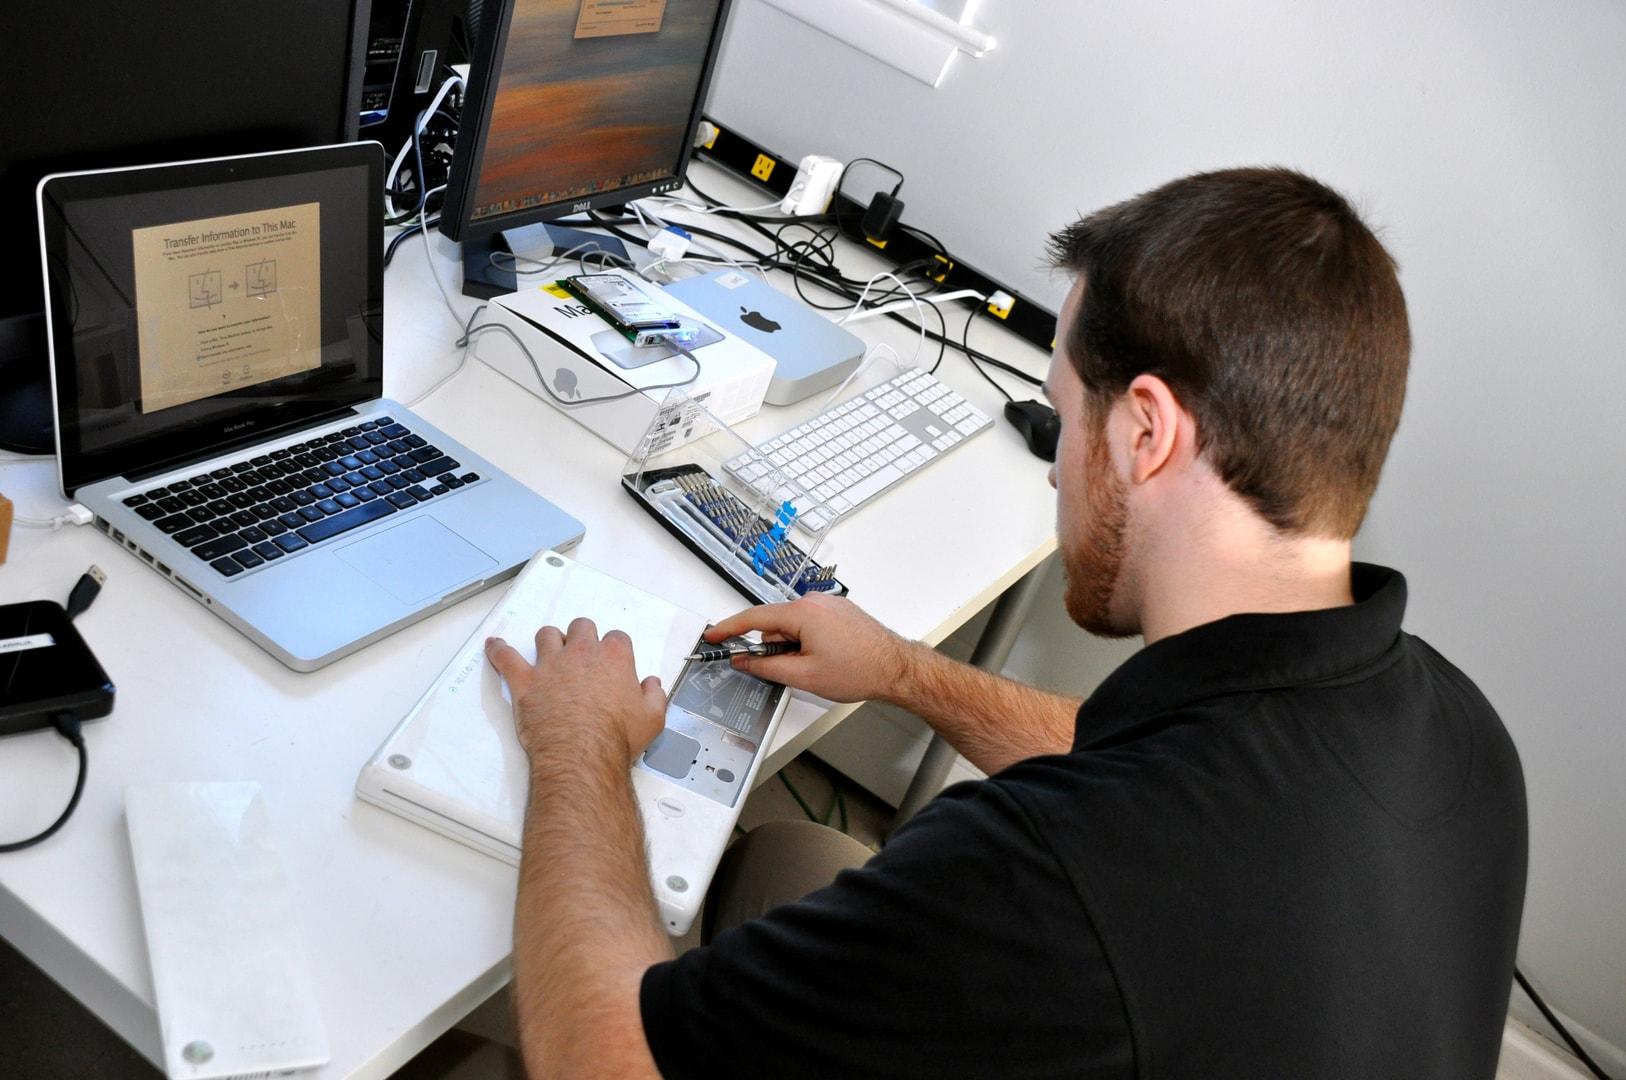 Datenrettung Datensicherung